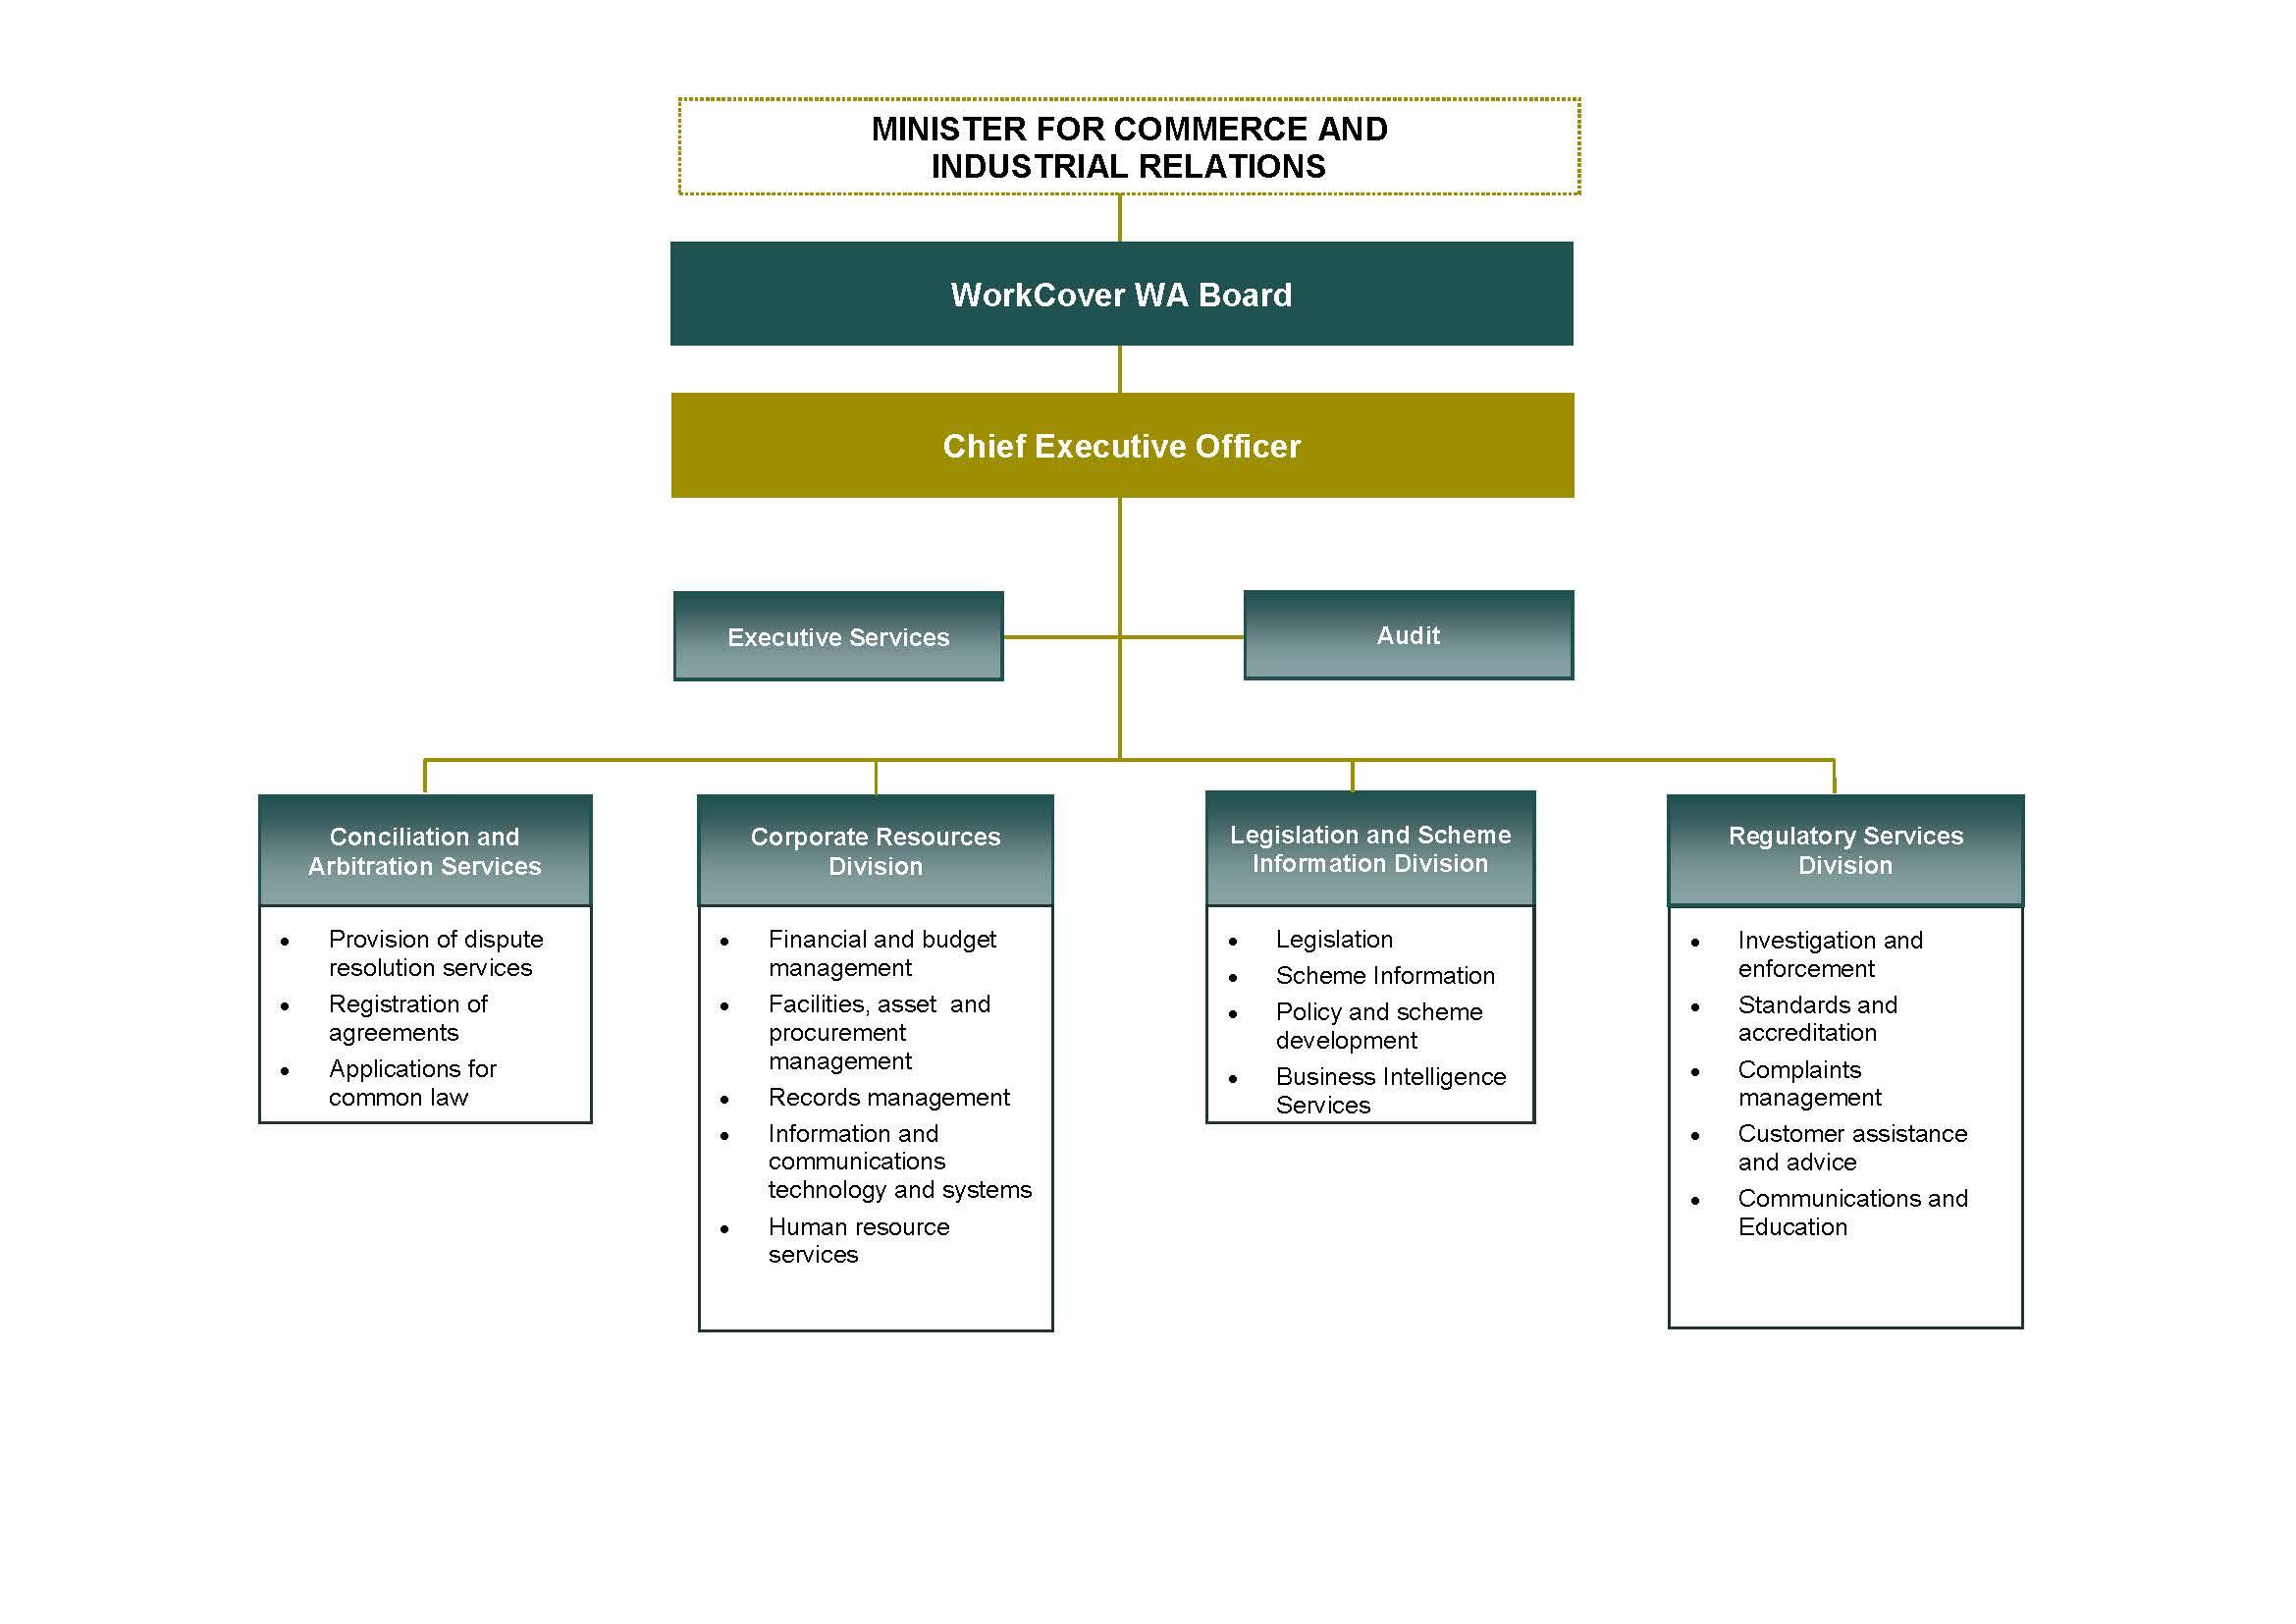 Fachbezogene Informationsverarbeitung: Über 160 Aufgaben und Fälle